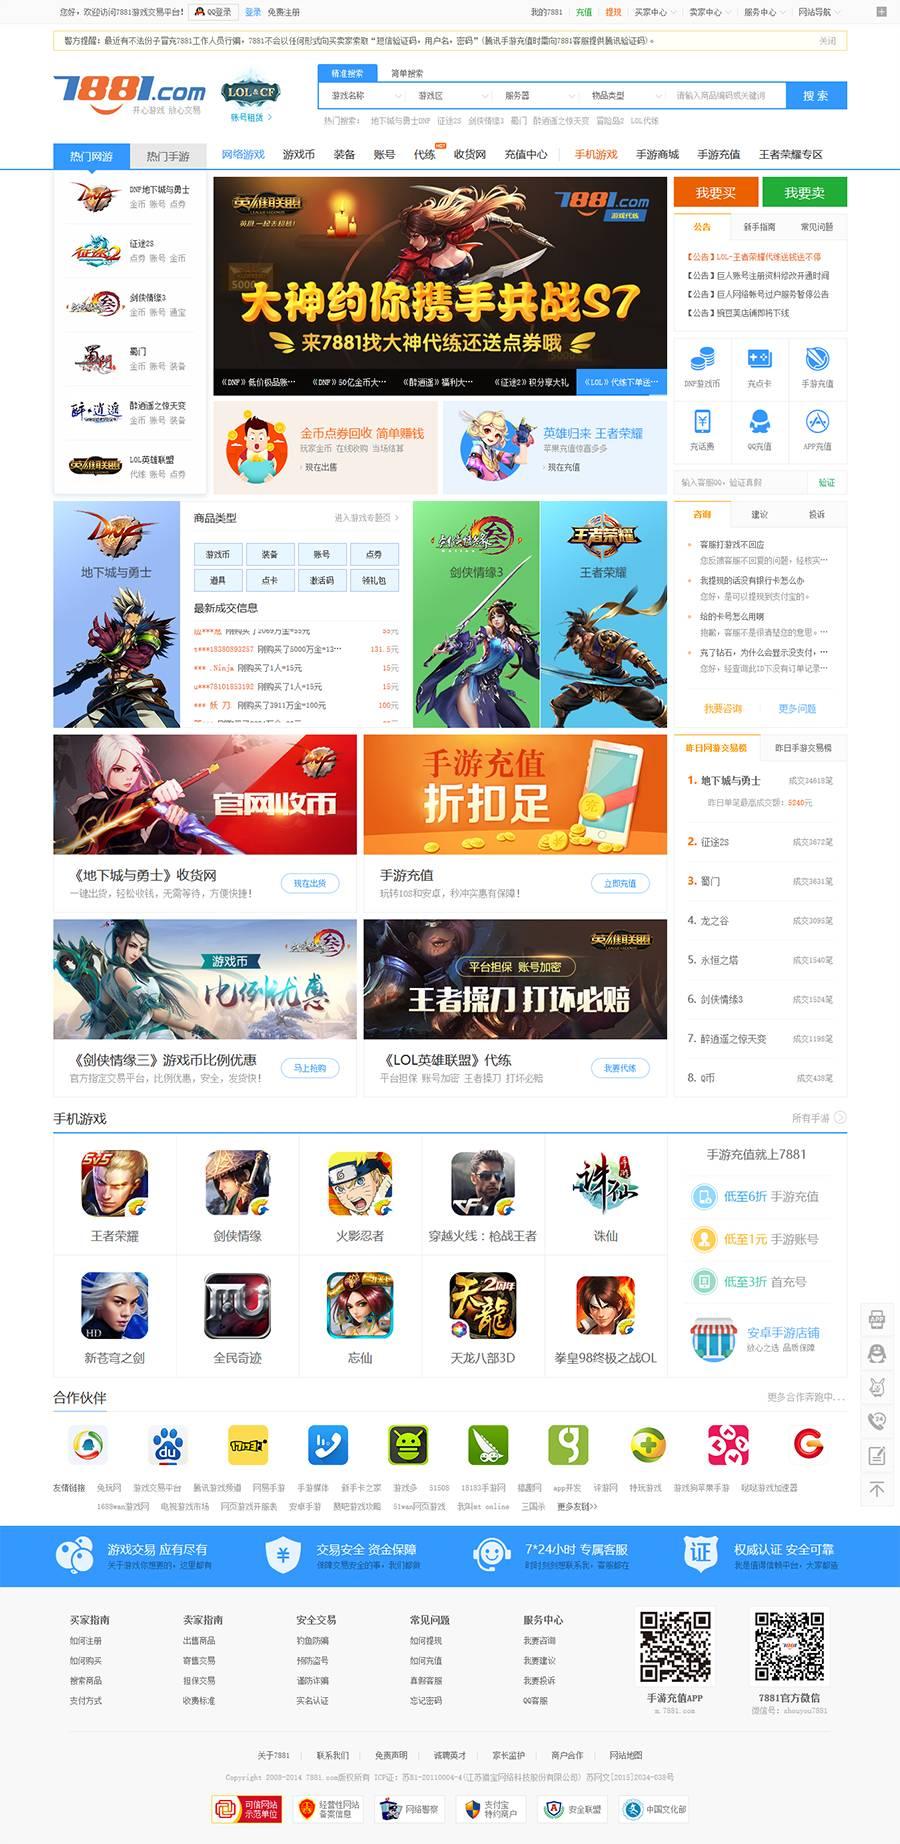 正版开源仿7881游戏交易平台 支持游戏币、装备、道具交易源码